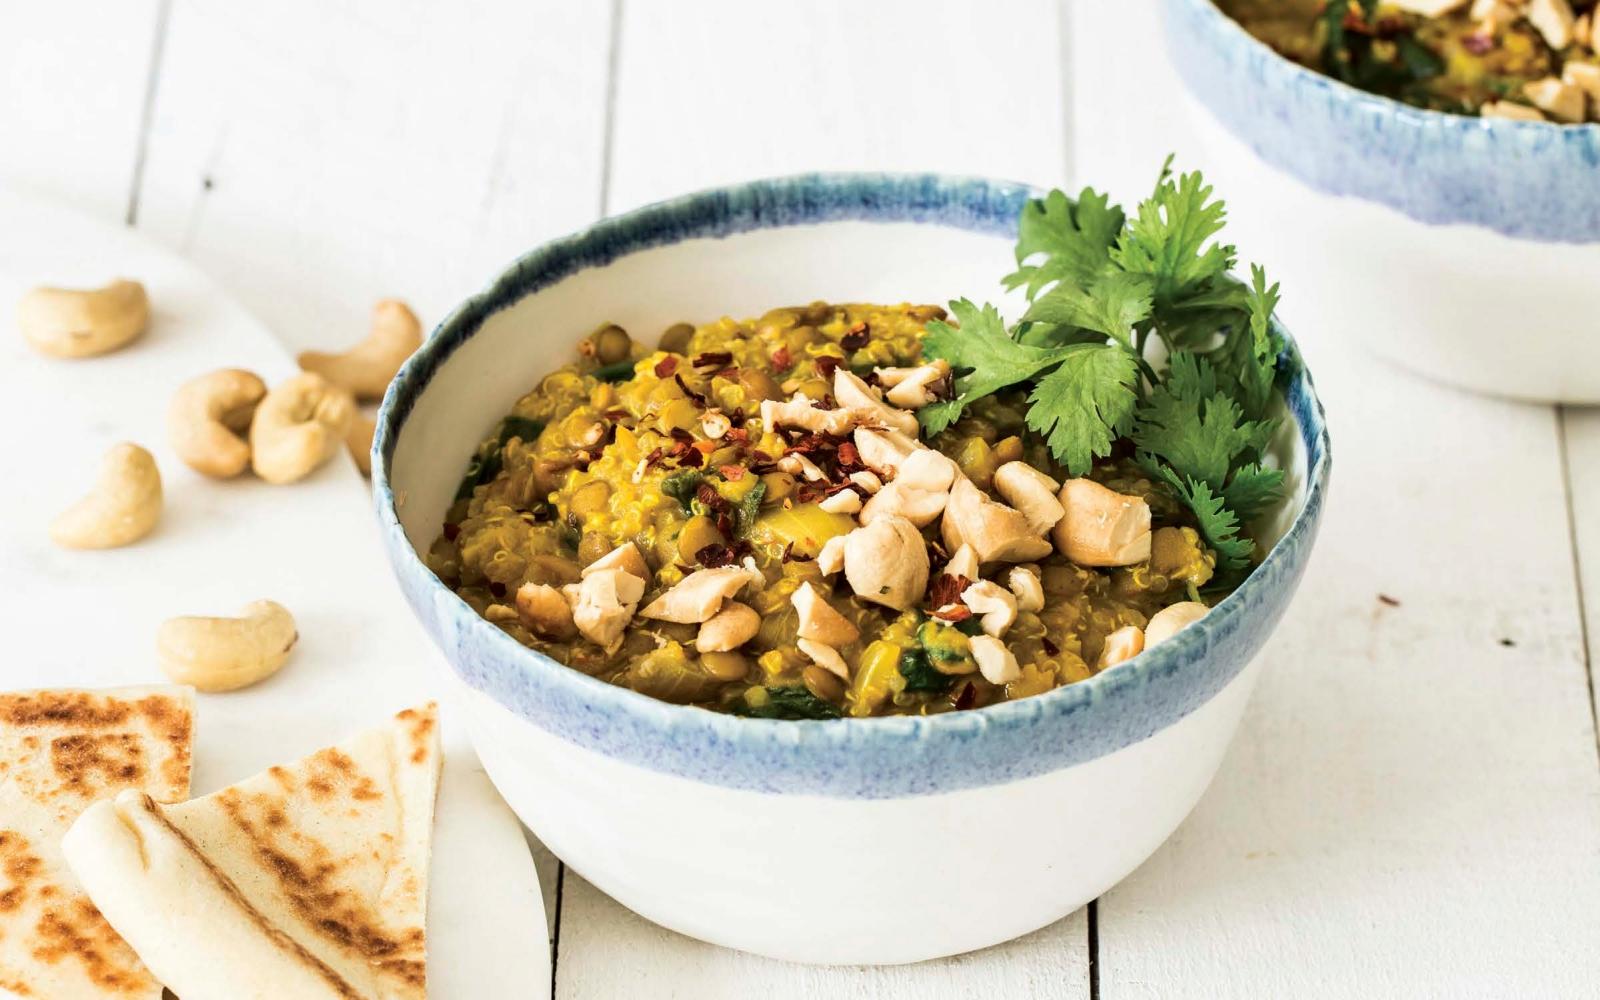 Vegan Creamy Curried Lentils and Quinoa